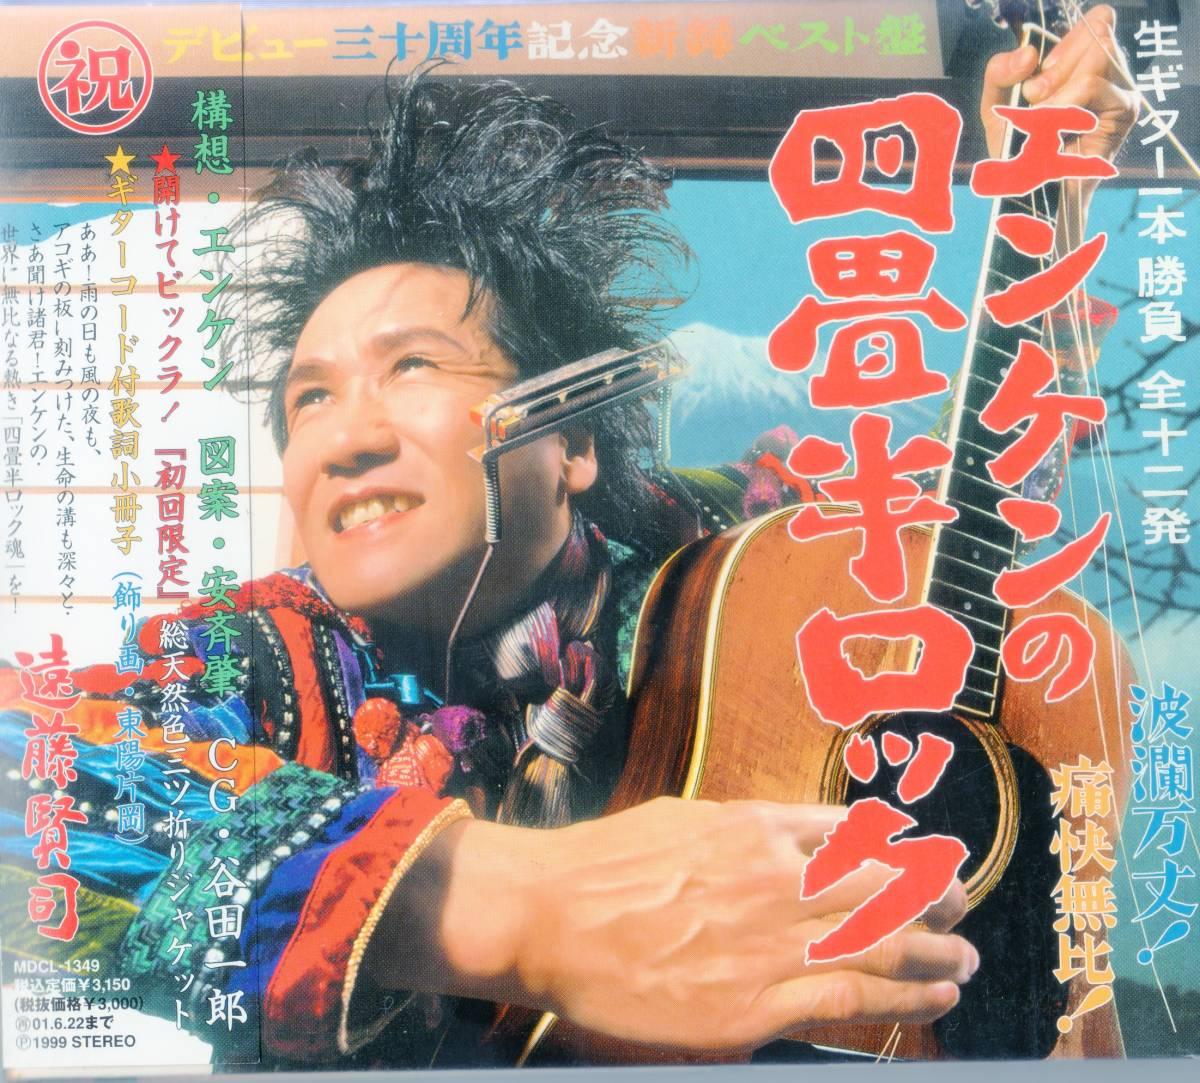 遠藤賢司 エンケンの四畳半ロック(生ギター一本勝負 全十二発